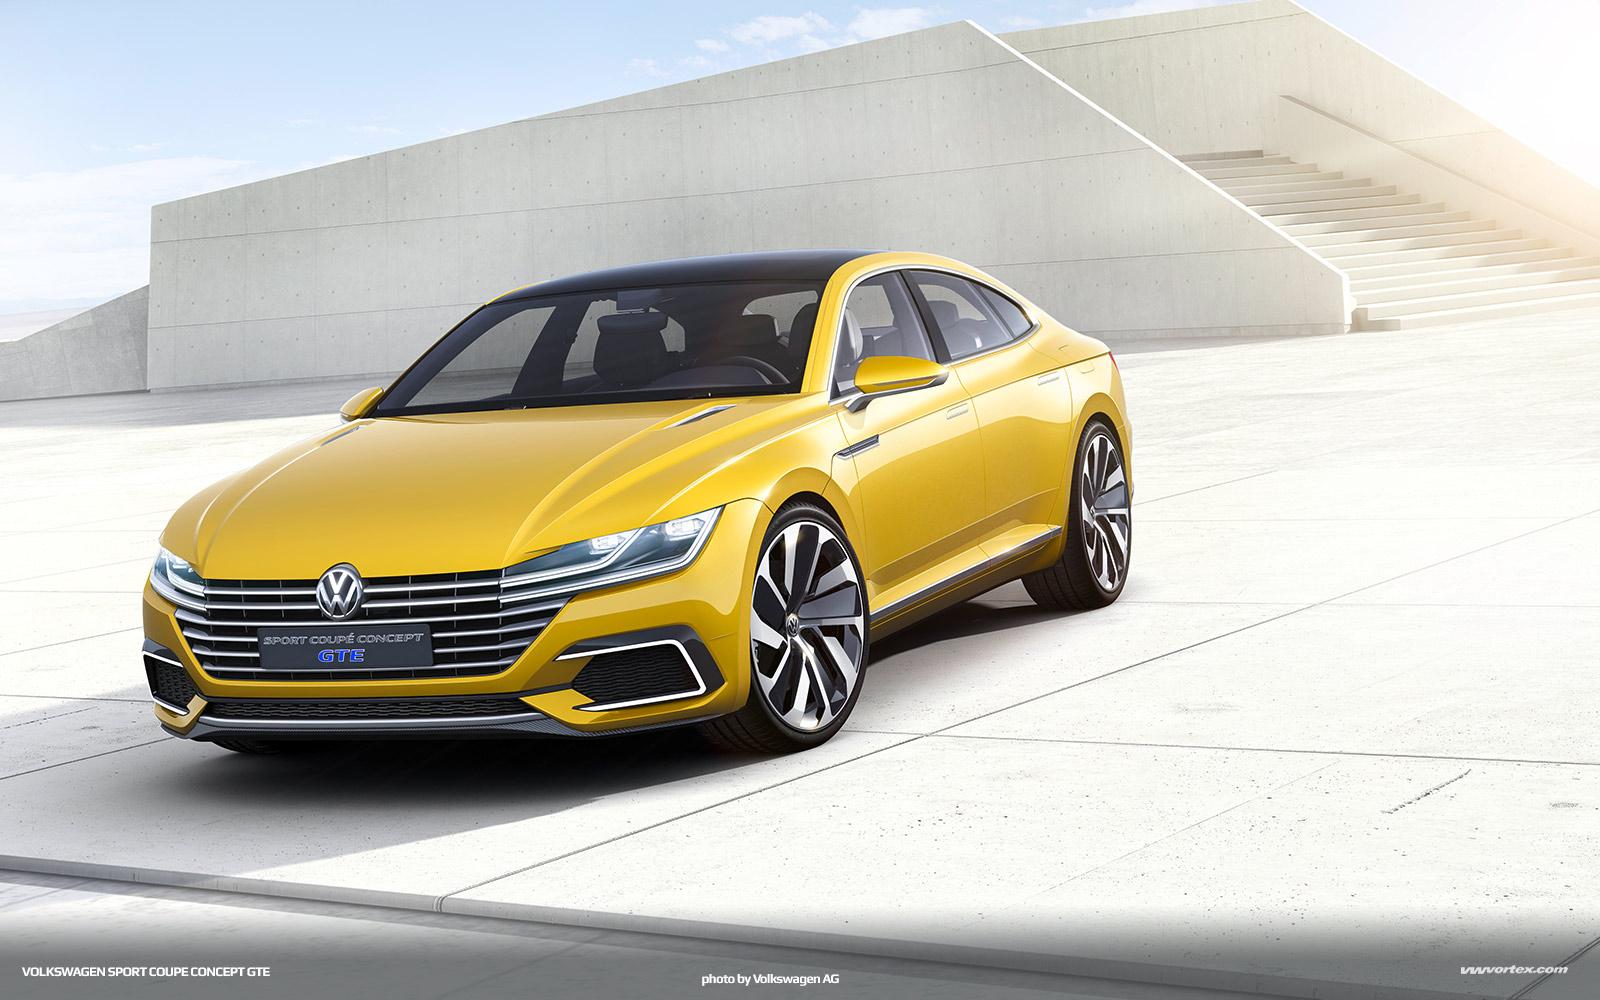 VW_Sport_Coupe_Concept_GTE_EXT_001_03